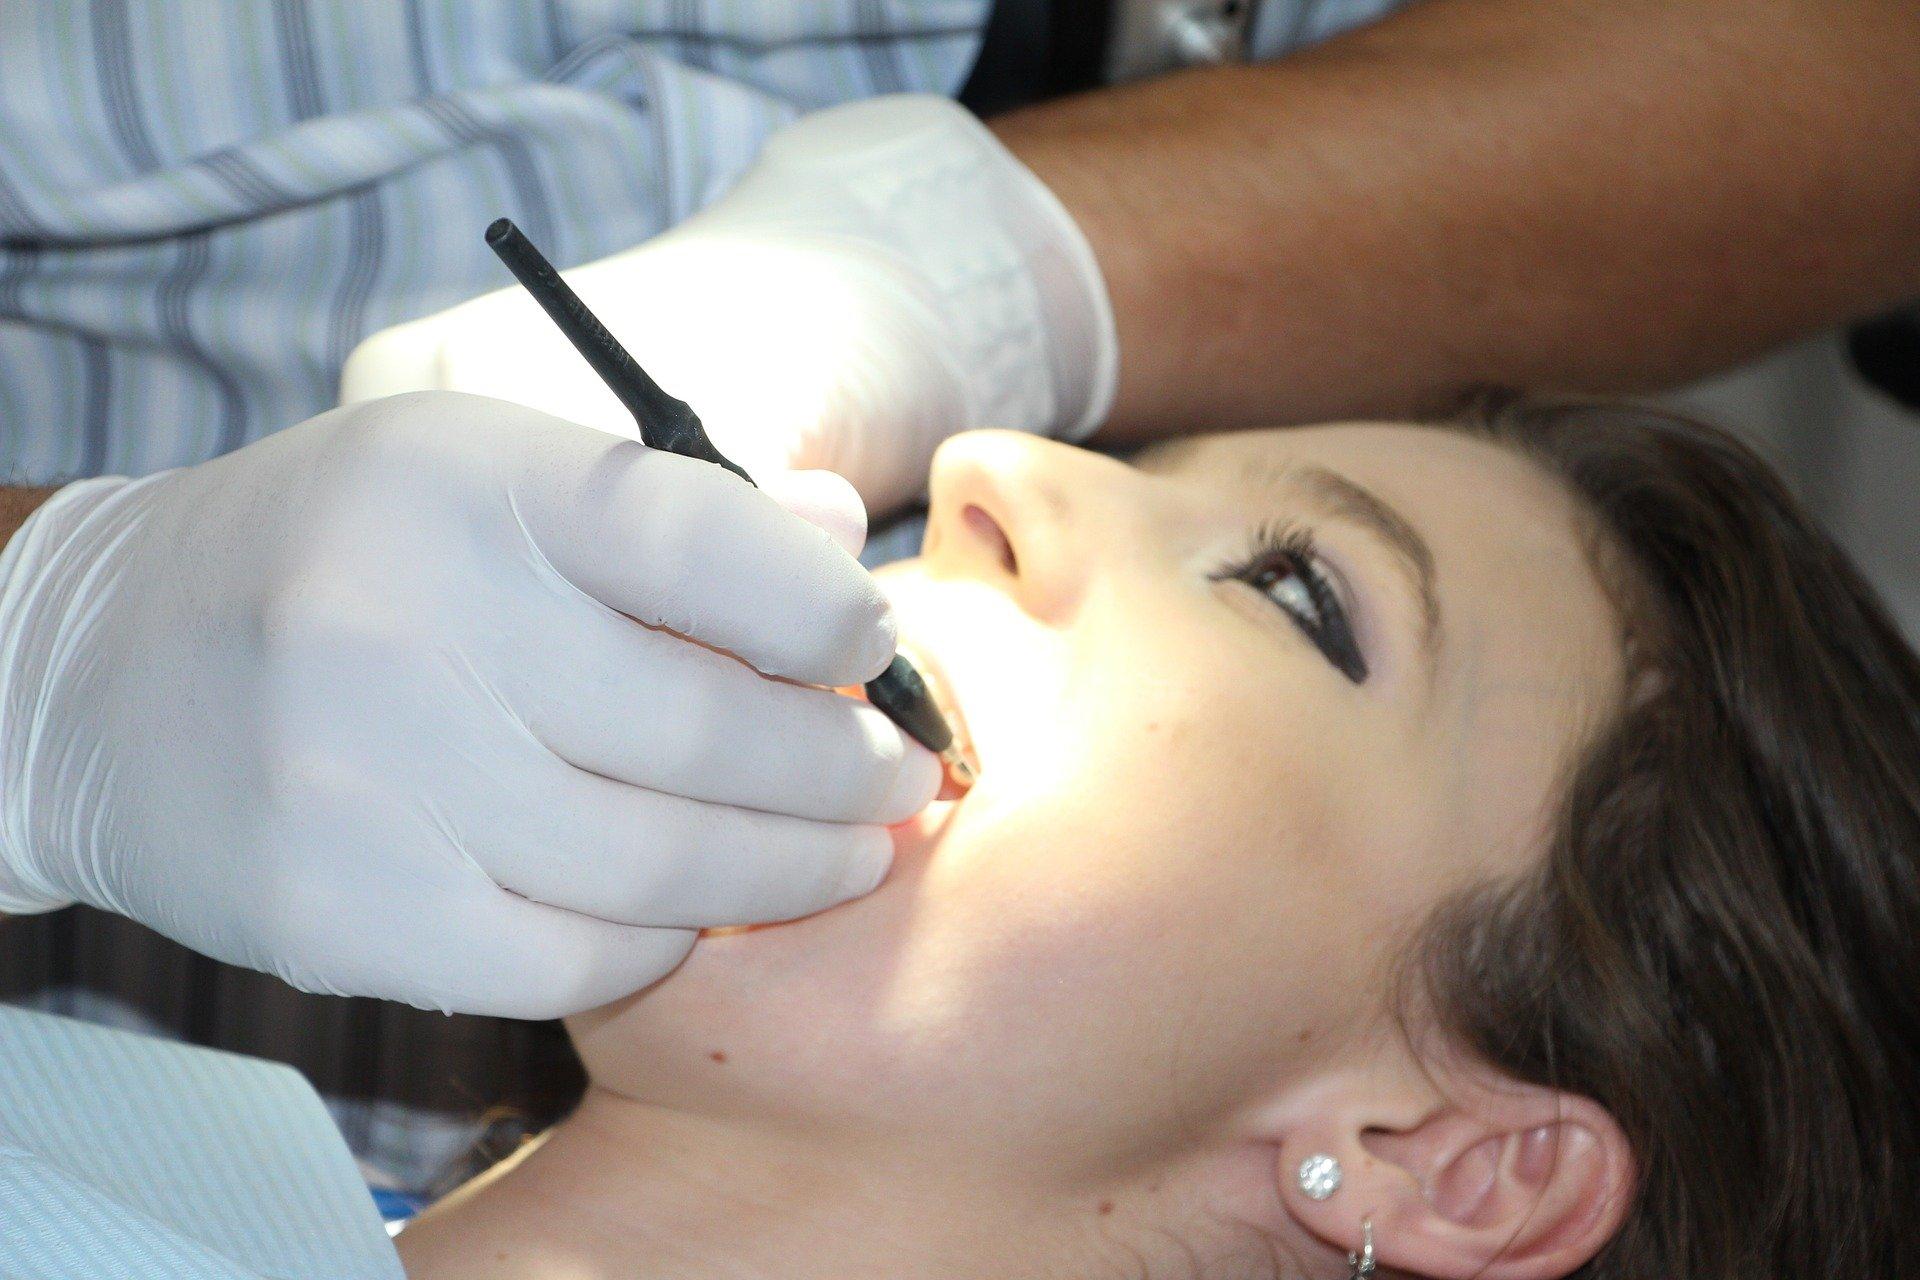 Tourisme dentaire soins de qualité et tarifs abordables